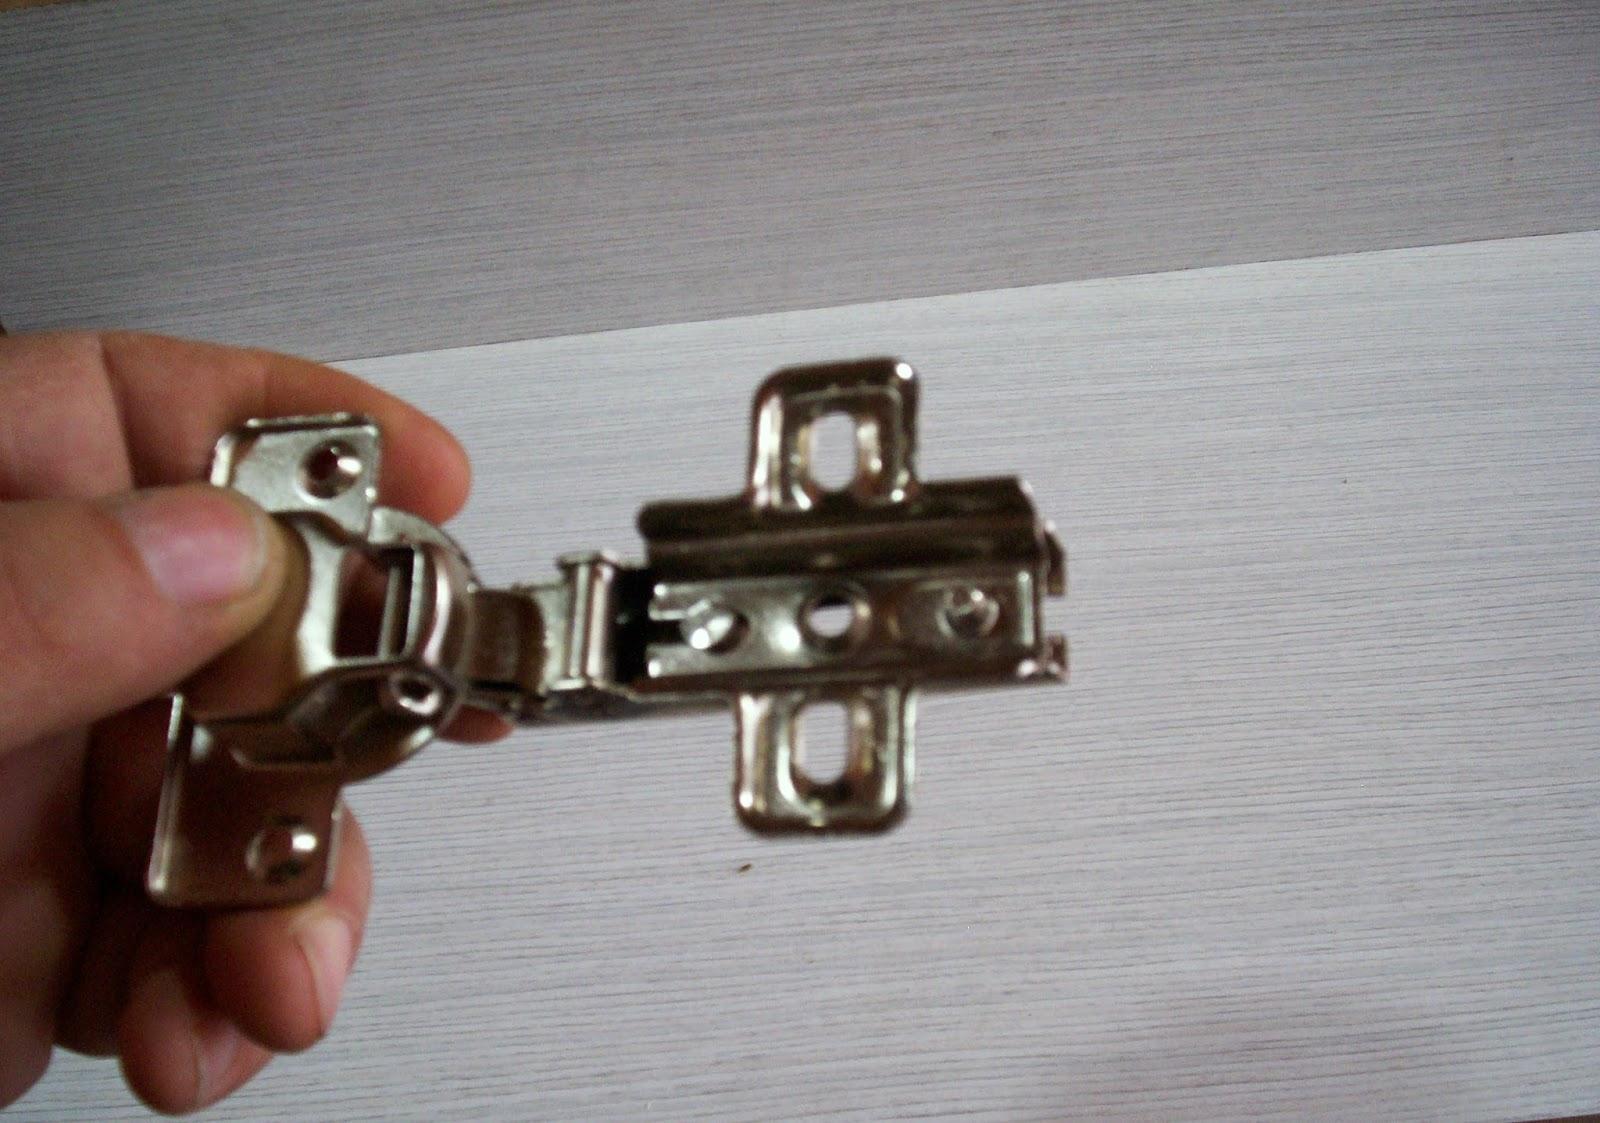 Carpintero en casa como colocar bisagras en mueble de cocina for Partes de un mueble de cocina